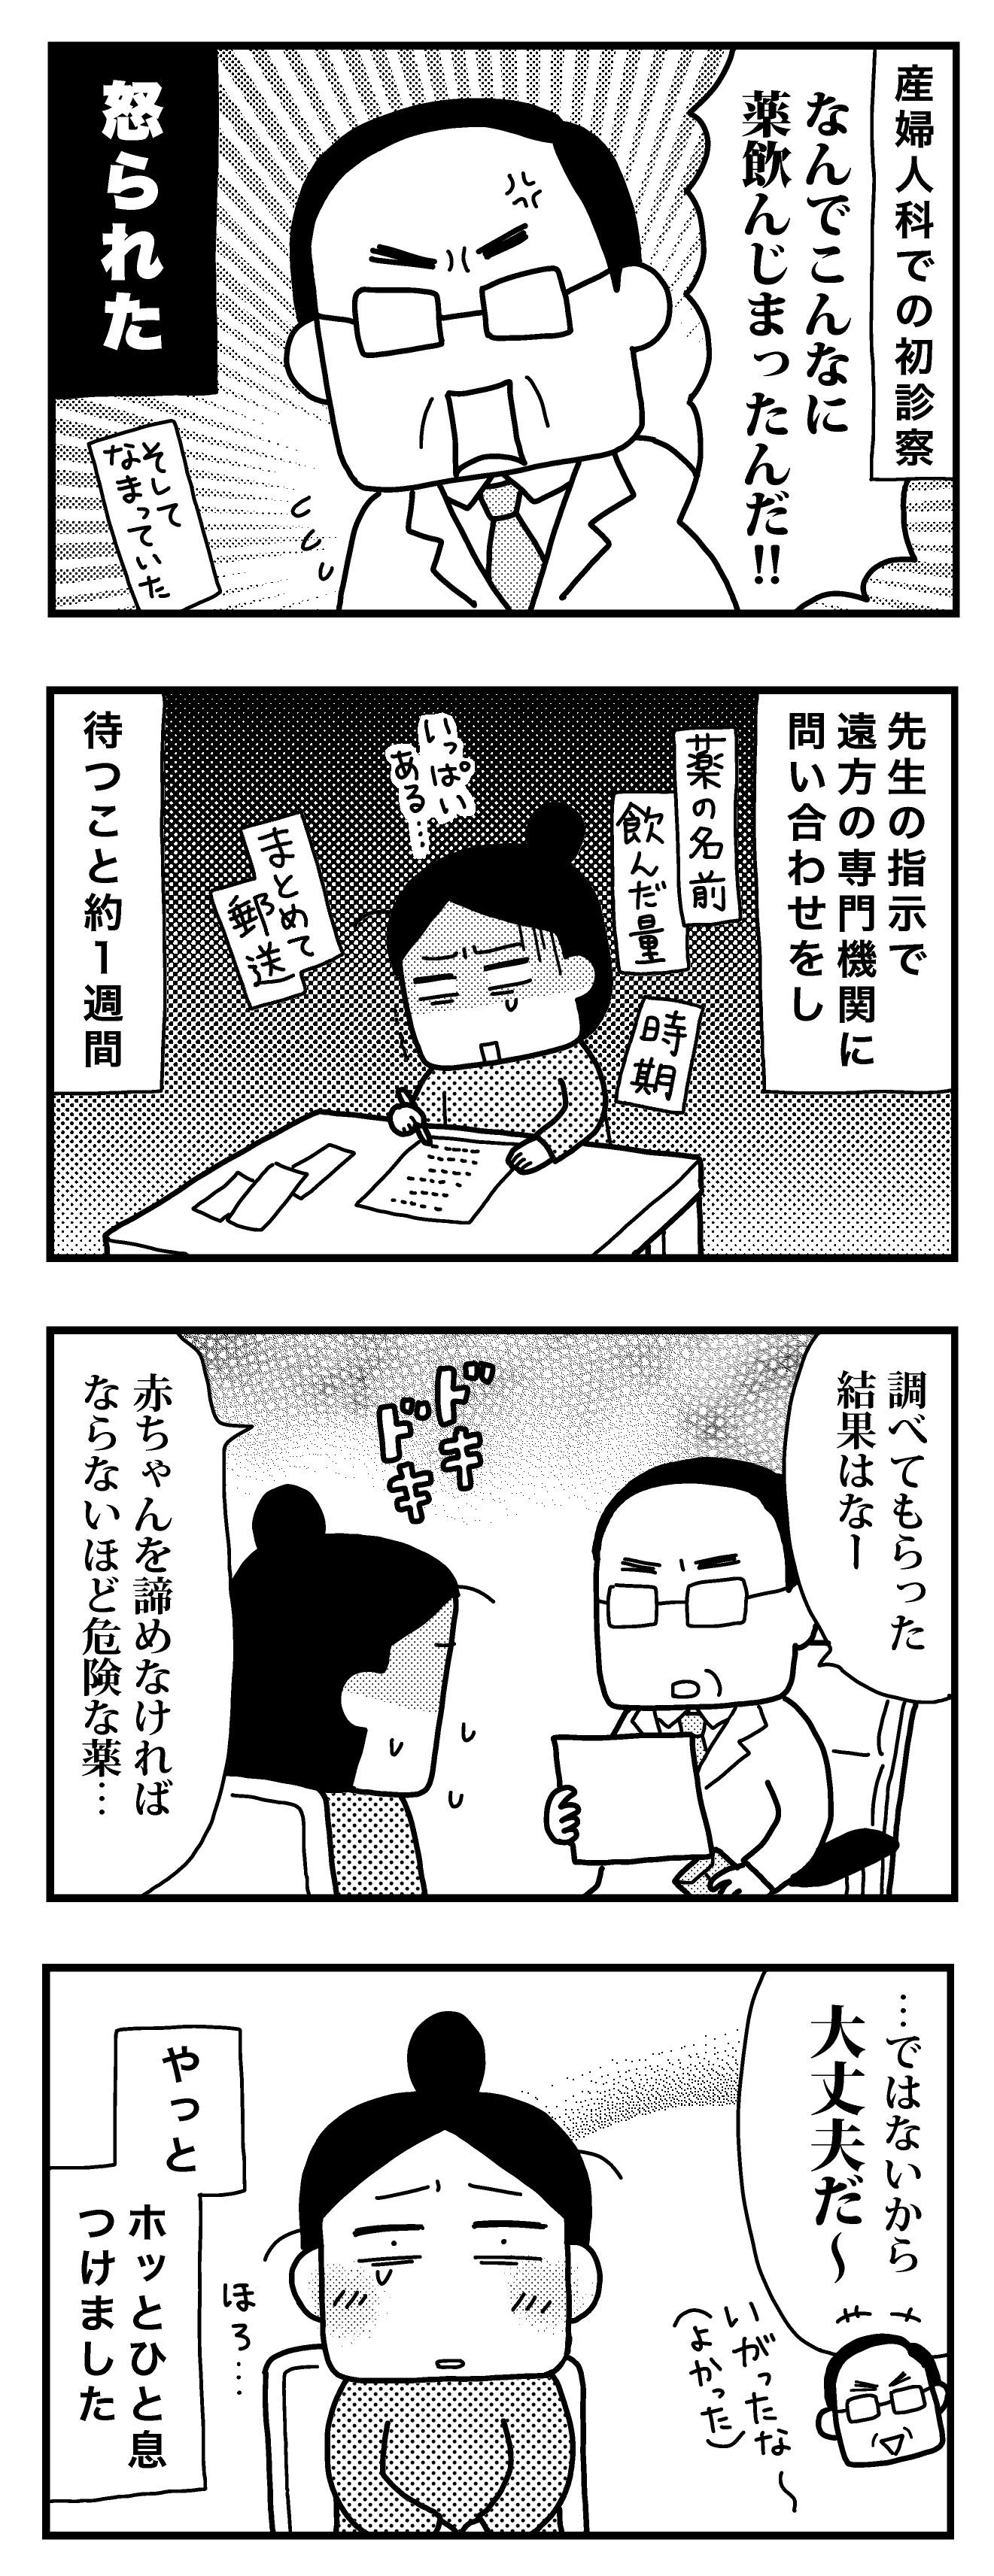 育児日記(4コママンガ)